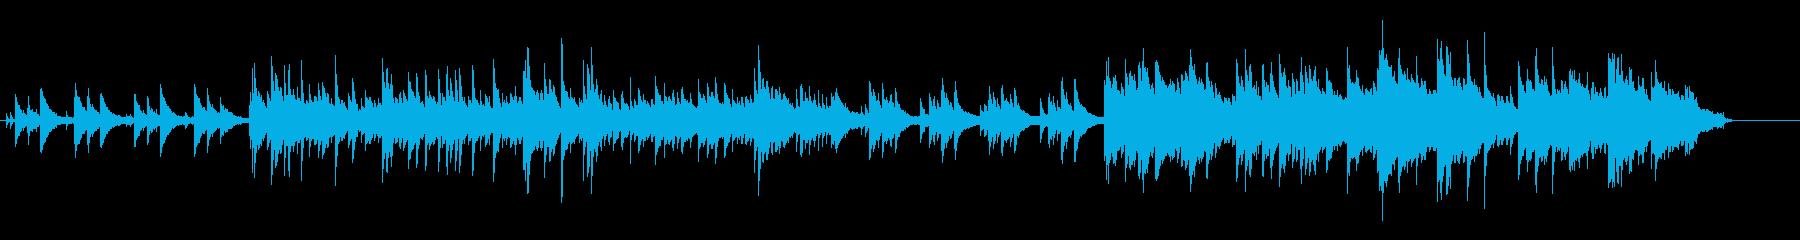 しっとり系ピアノソロの再生済みの波形